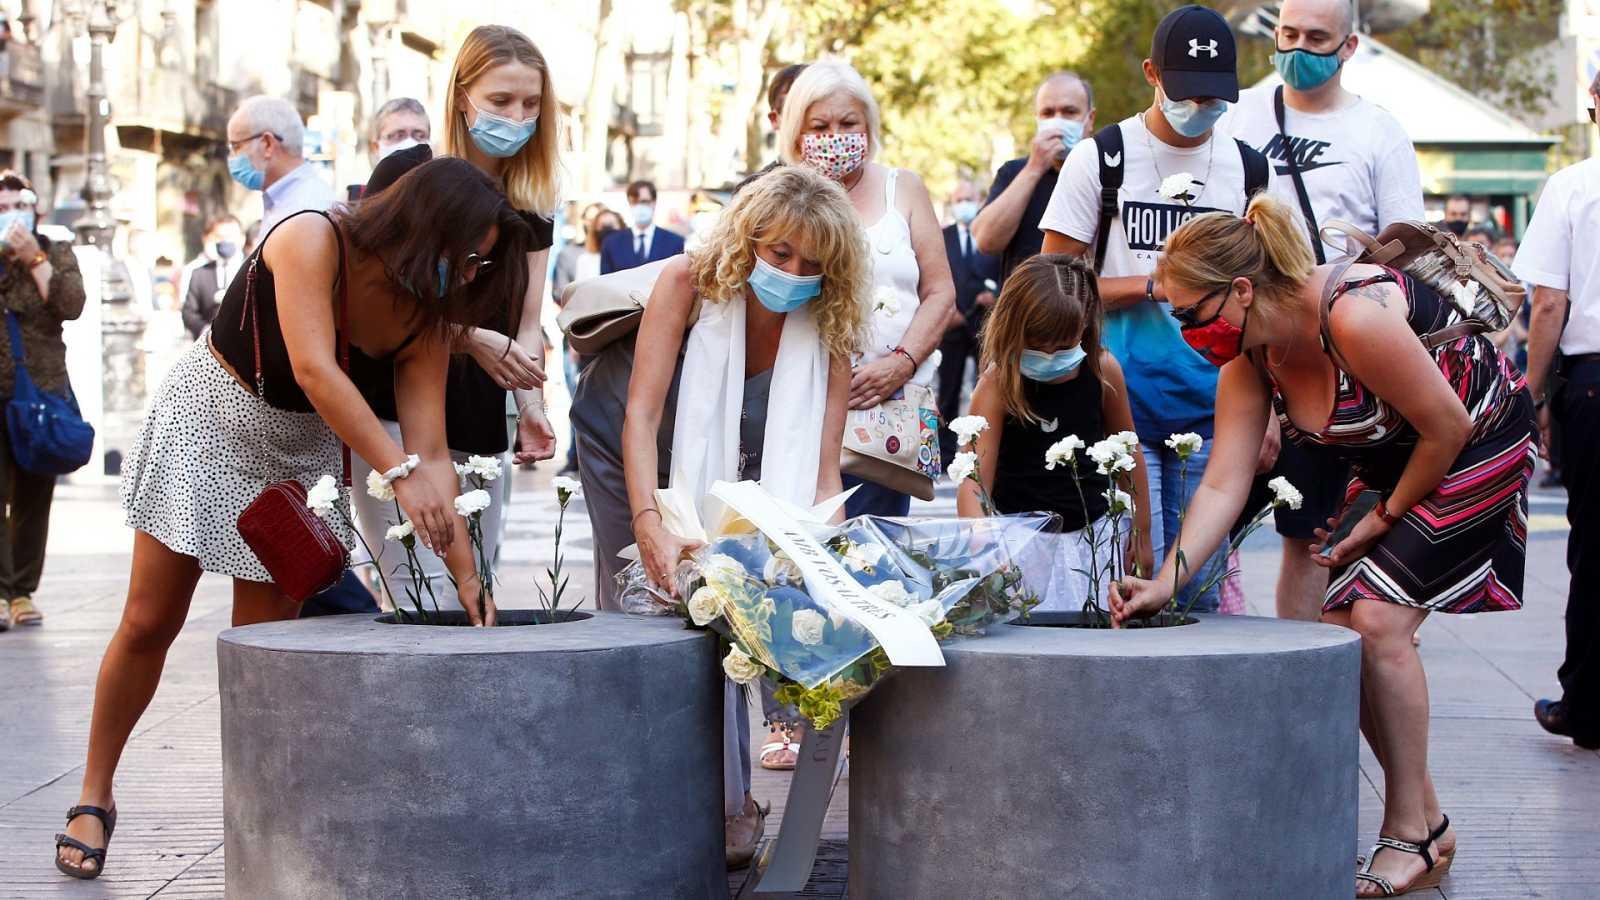 Barcelona recuerda a las víctimas de los atentados terroristas del 17 de agosto de 2017 con un minuto de silencio y una ofrenda floral en las Ramblas